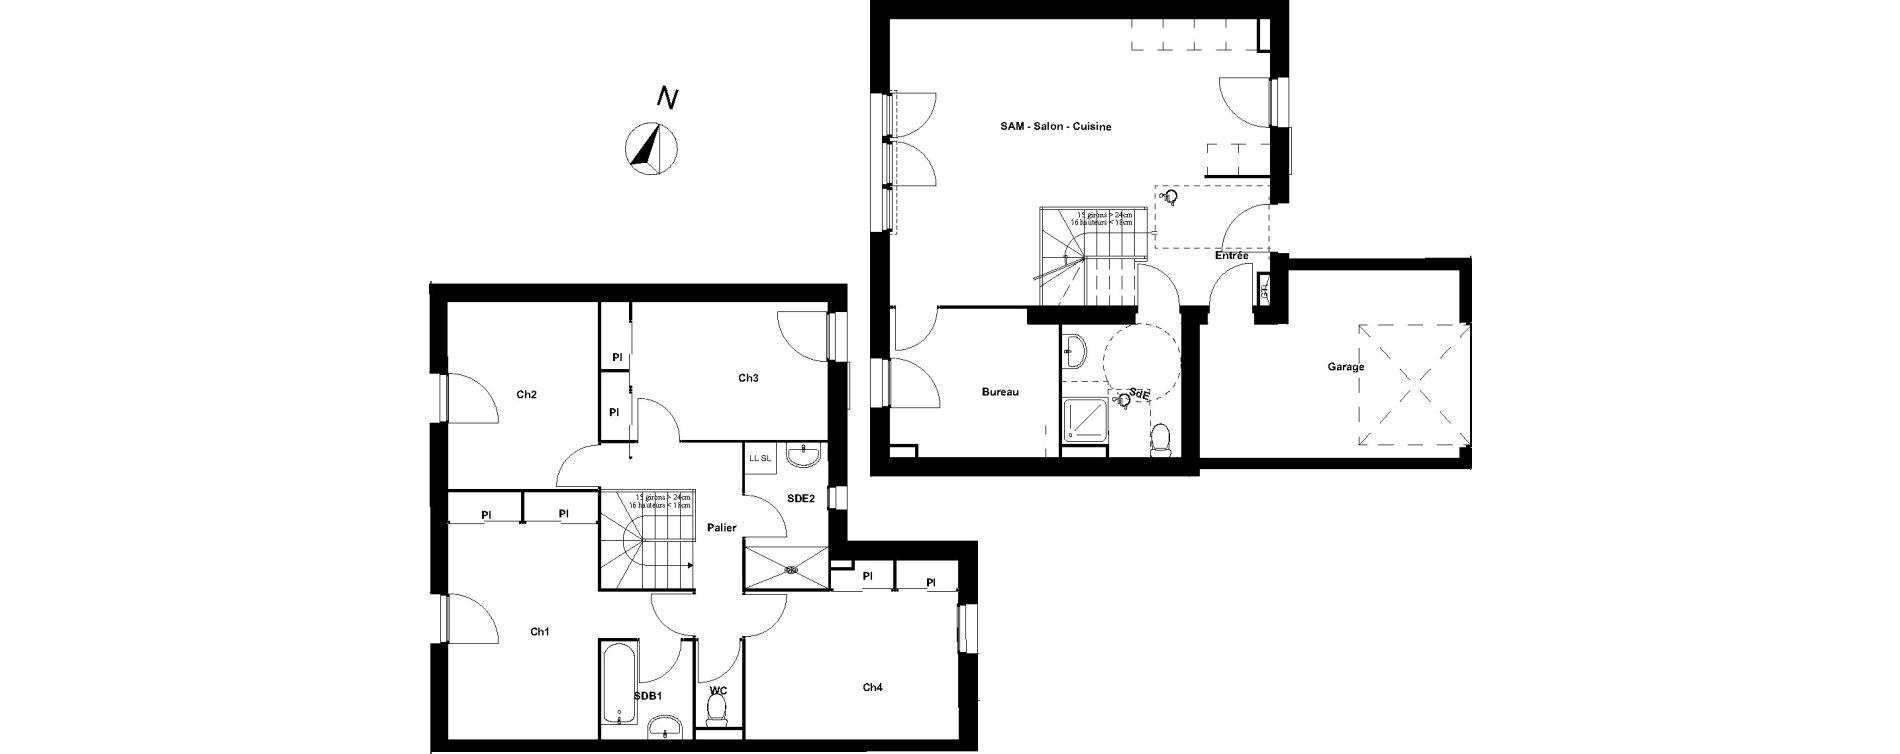 Maison T6 de 116.51 m2 1er étage O Les Jardins de l'Océan